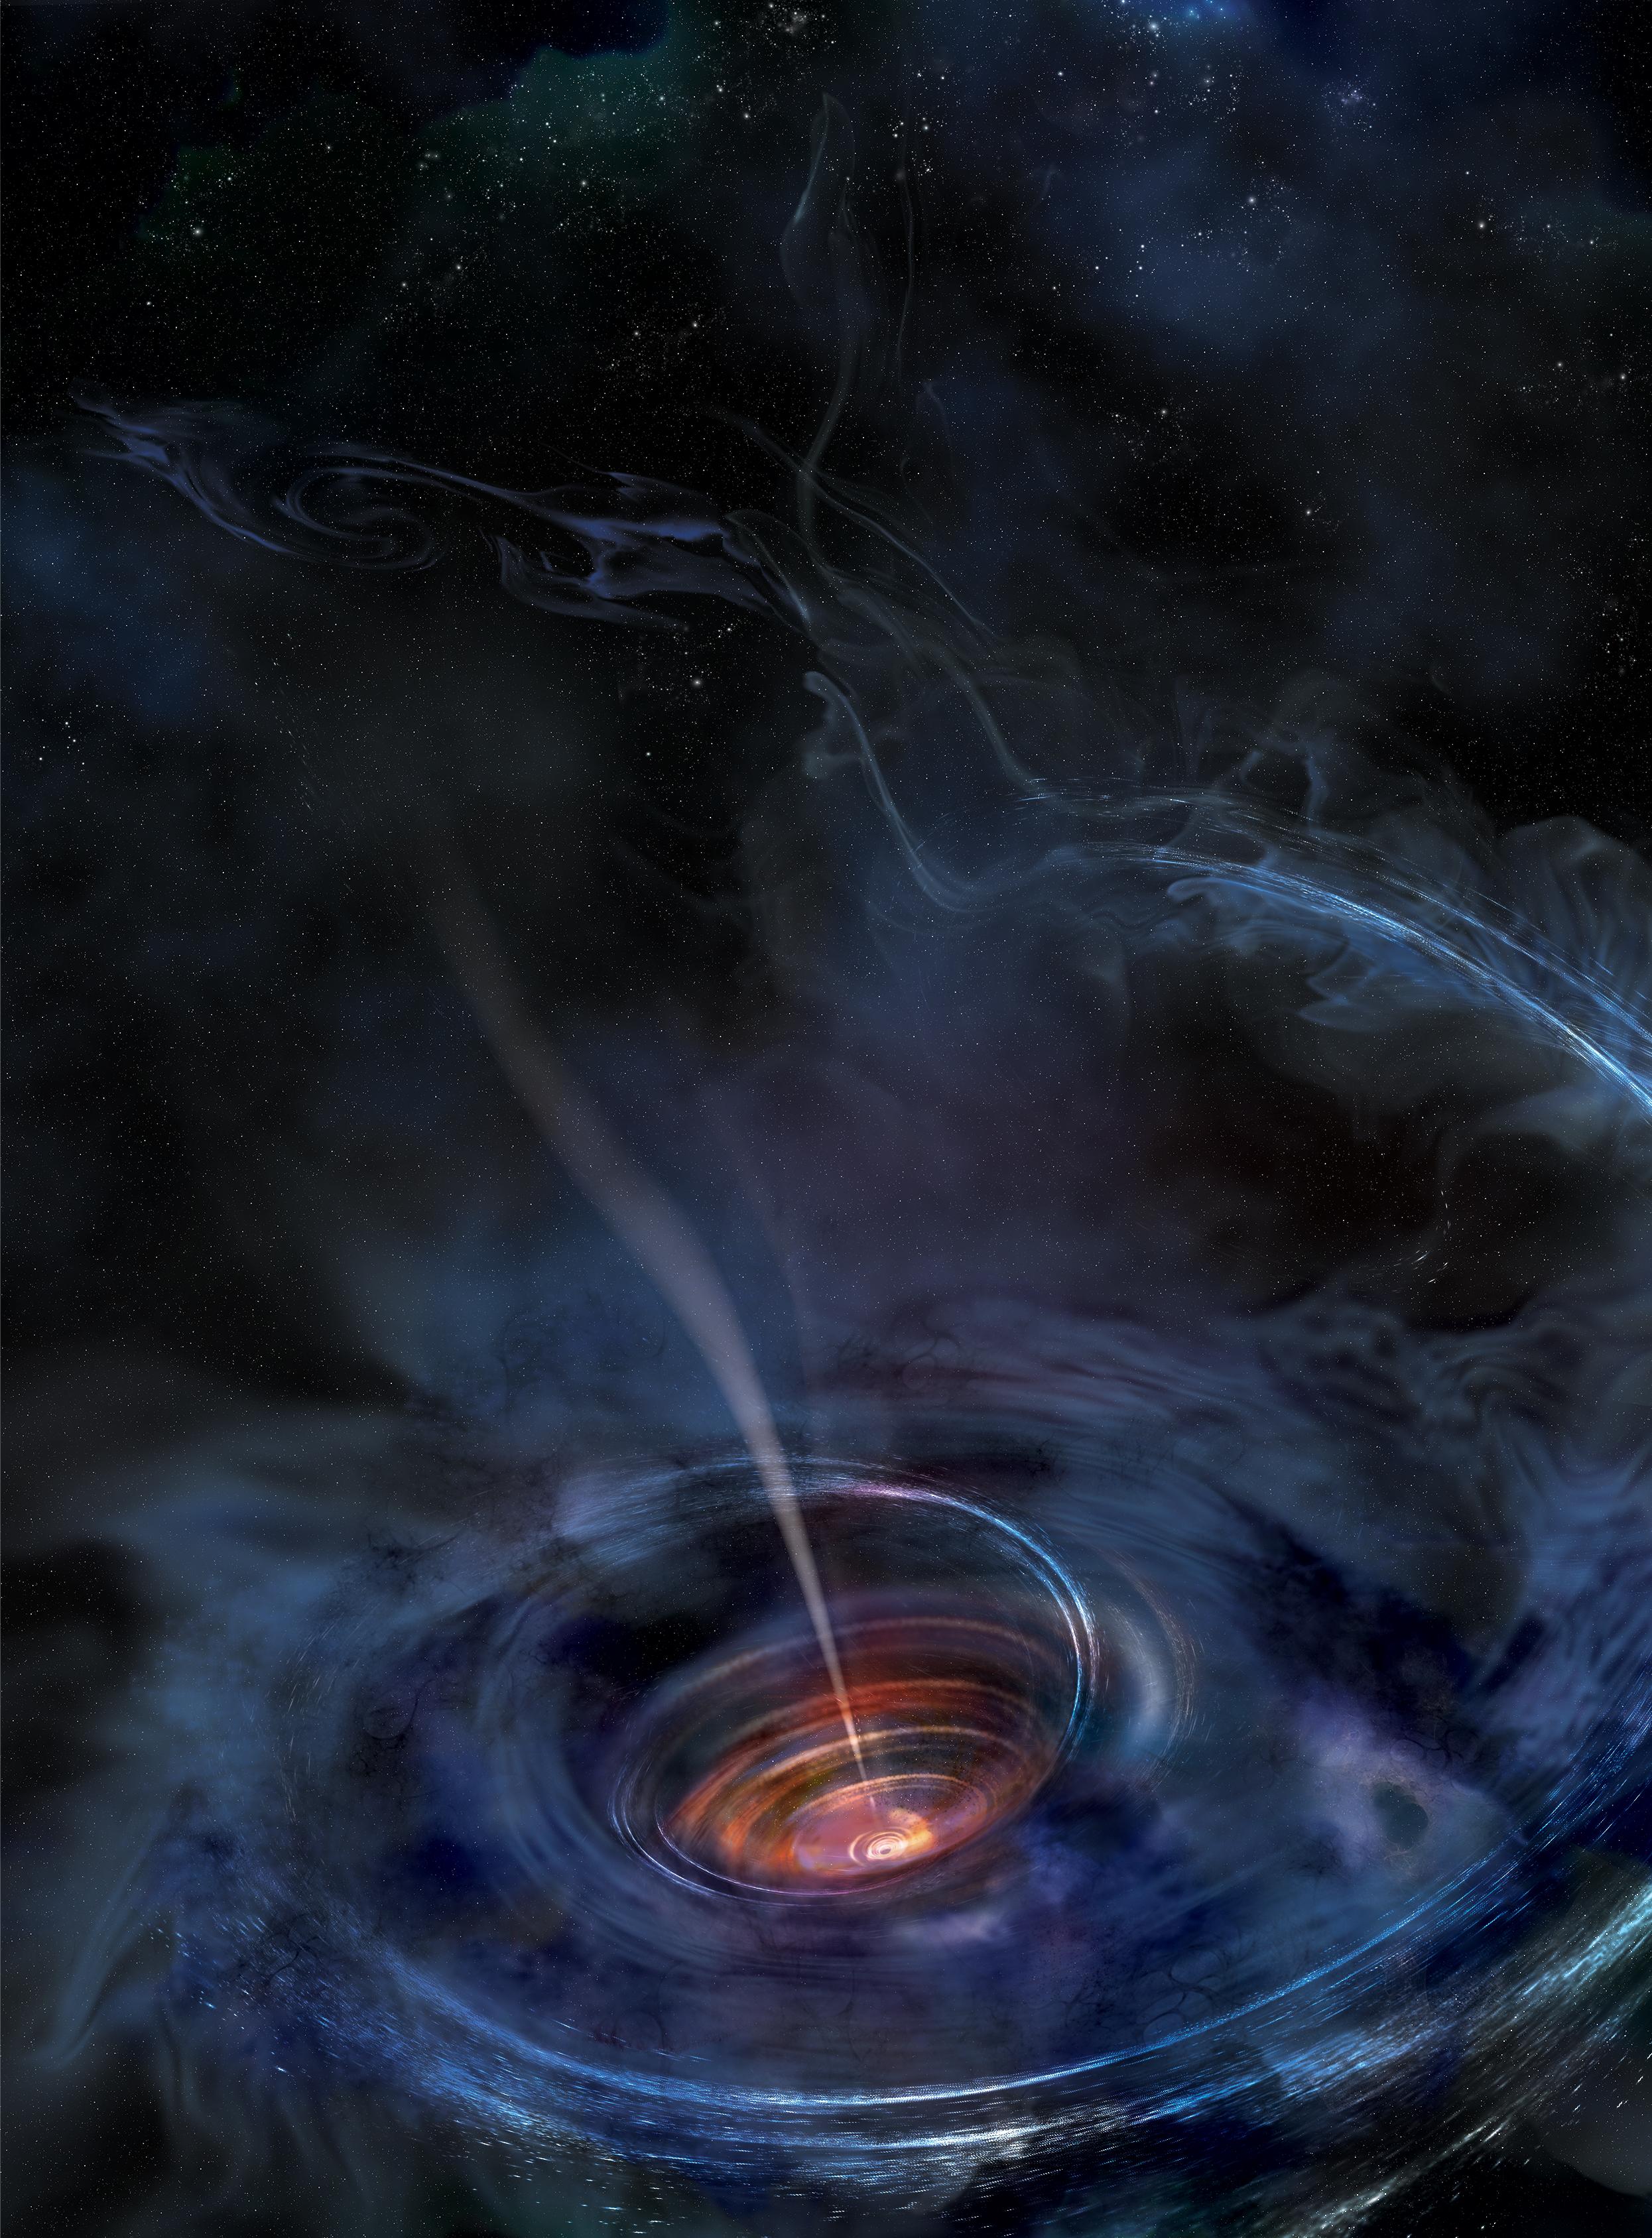 Bir kara delik bir yıldızı yuttuğu sırada oluşan geçici birikim diskinin illüstrasyonu